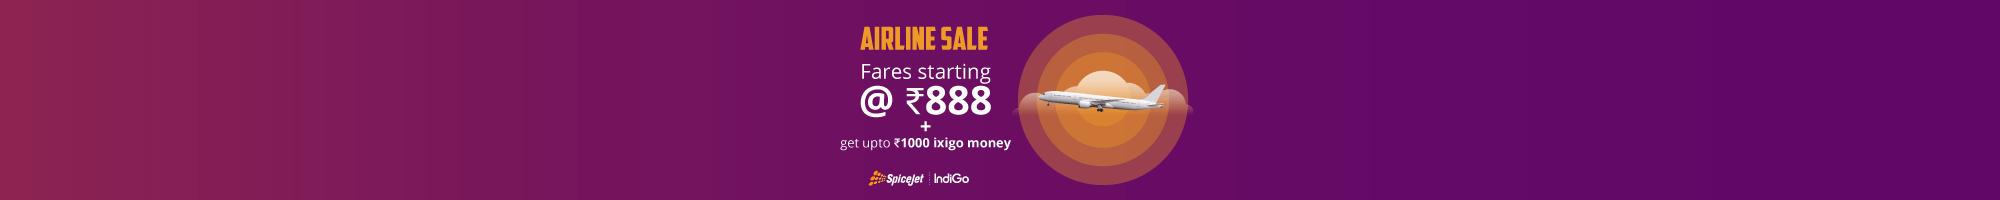 Airline Sale | Fares starting @₹888 + Get upto ₹1000 ixigo